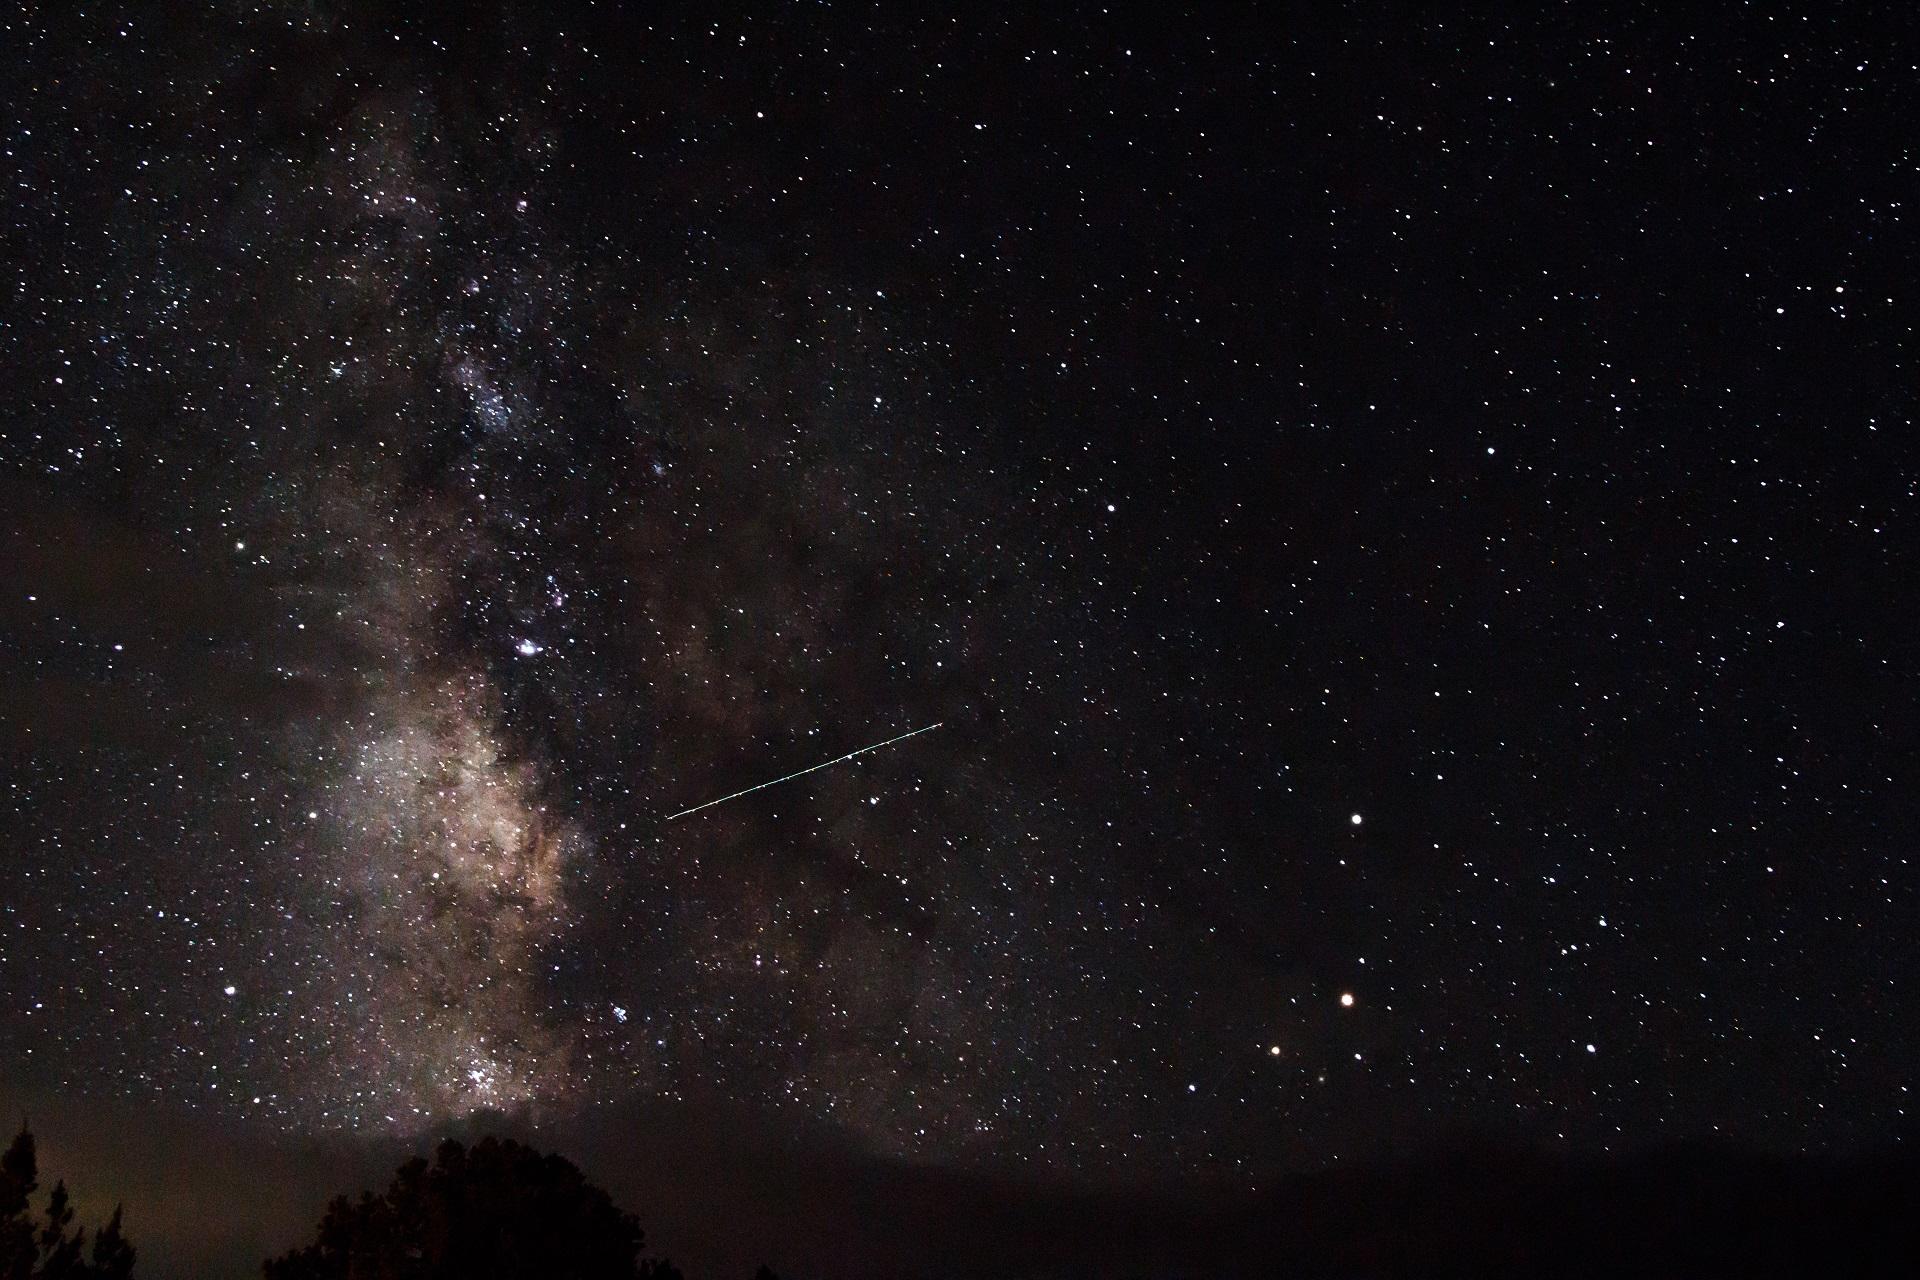 O Grand Canyon à noite ganha um novo visual, repleto de estrelas